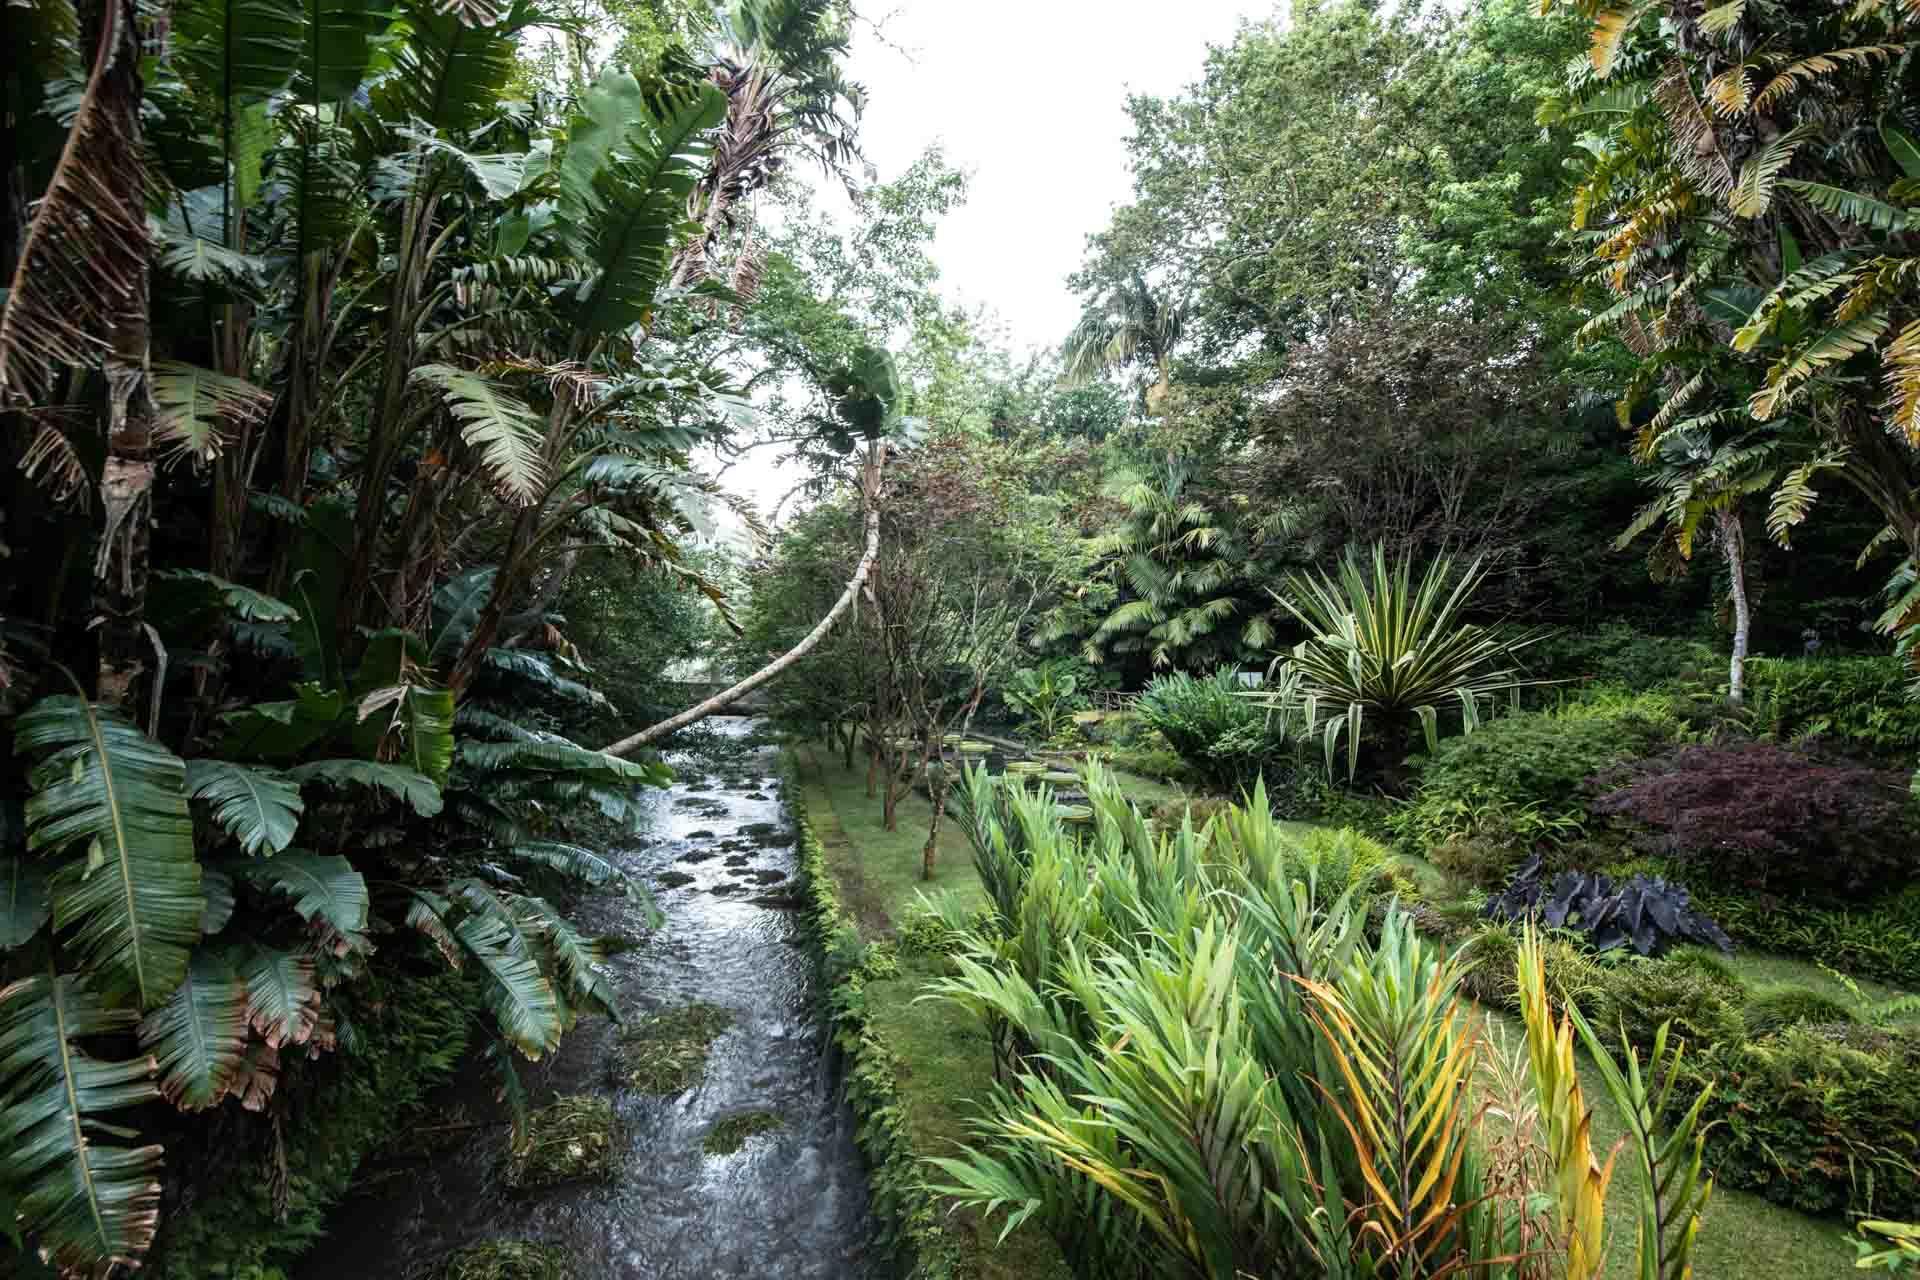 Le Parque Terra Nostra et sa végétation luxuriante © VisitAzores